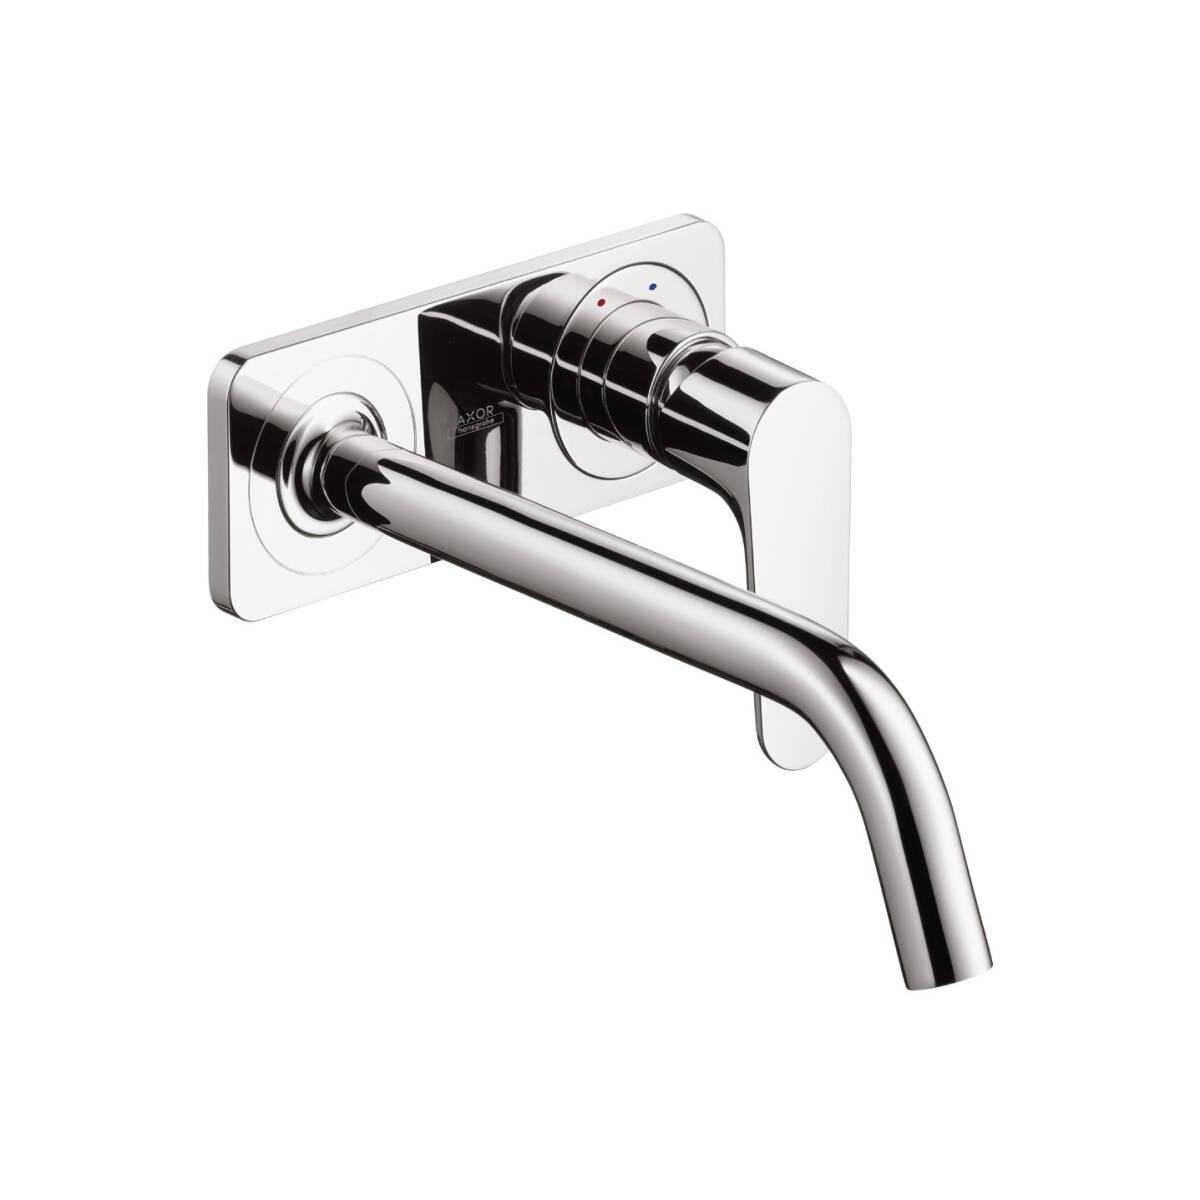 Mezclador monomando de lavabo empotrado con placa, caño 237mm, cromo, 34115000